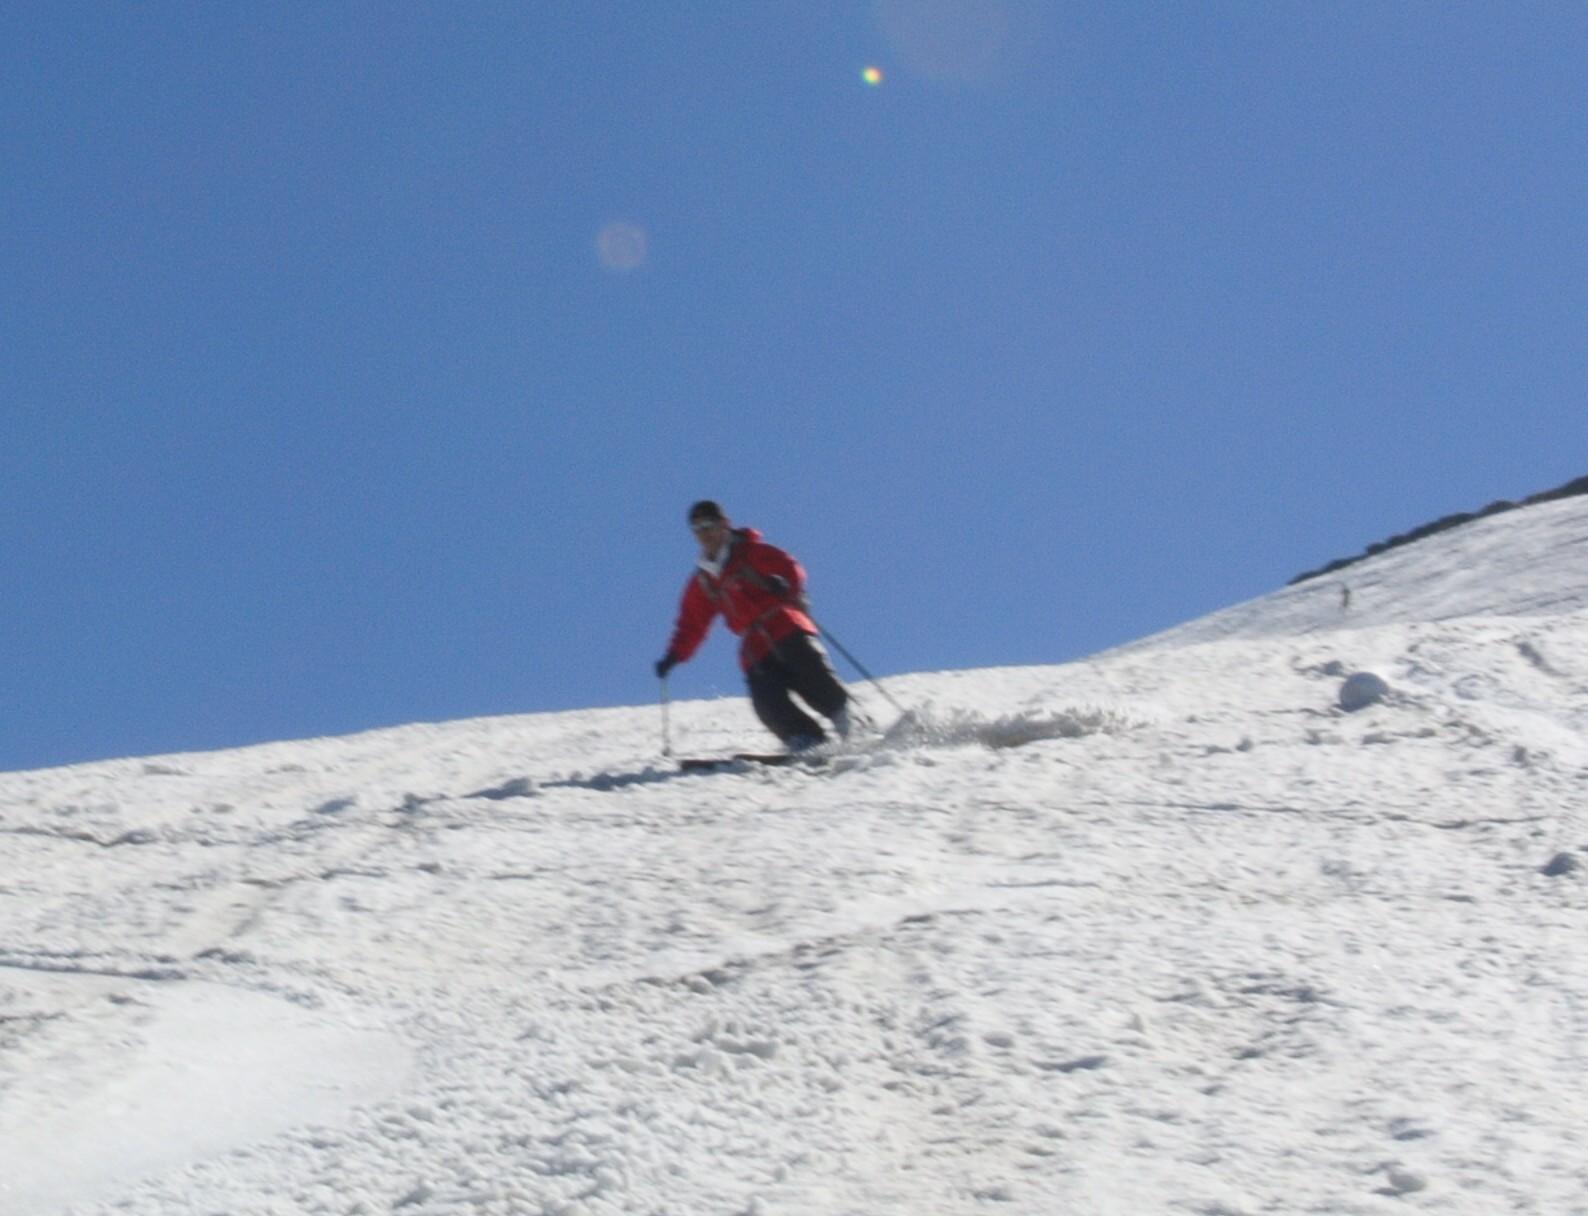 2013年5月31日残雪豊富な鳥海山祓川口コースで春スキーを楽しむ_c0242406_14291763.jpg